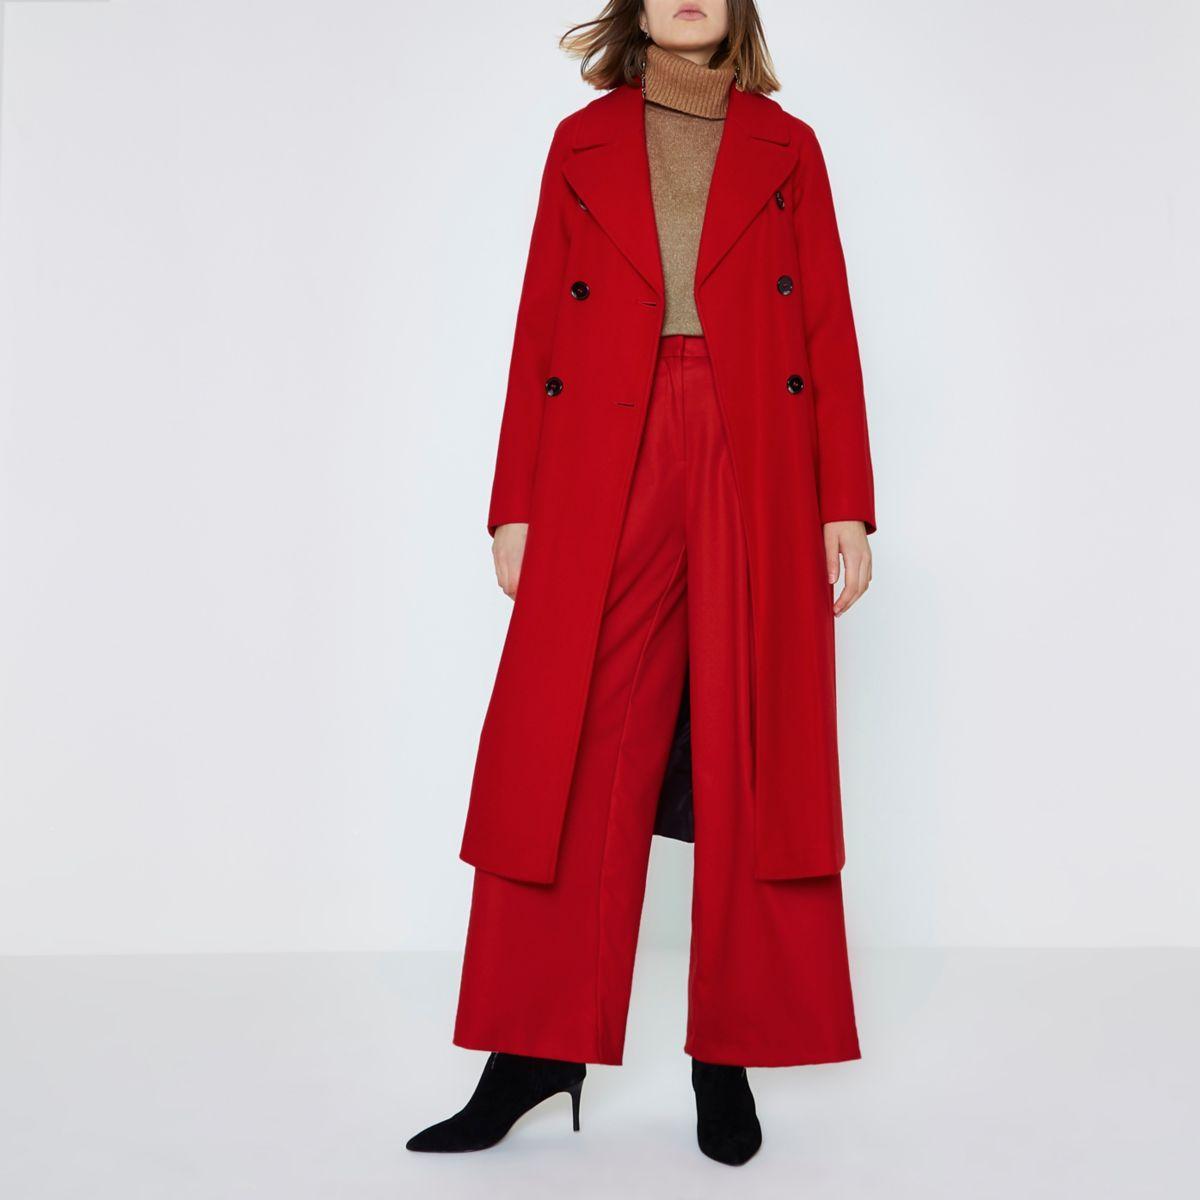 Helderrode lange jas met dubbele knopenrij